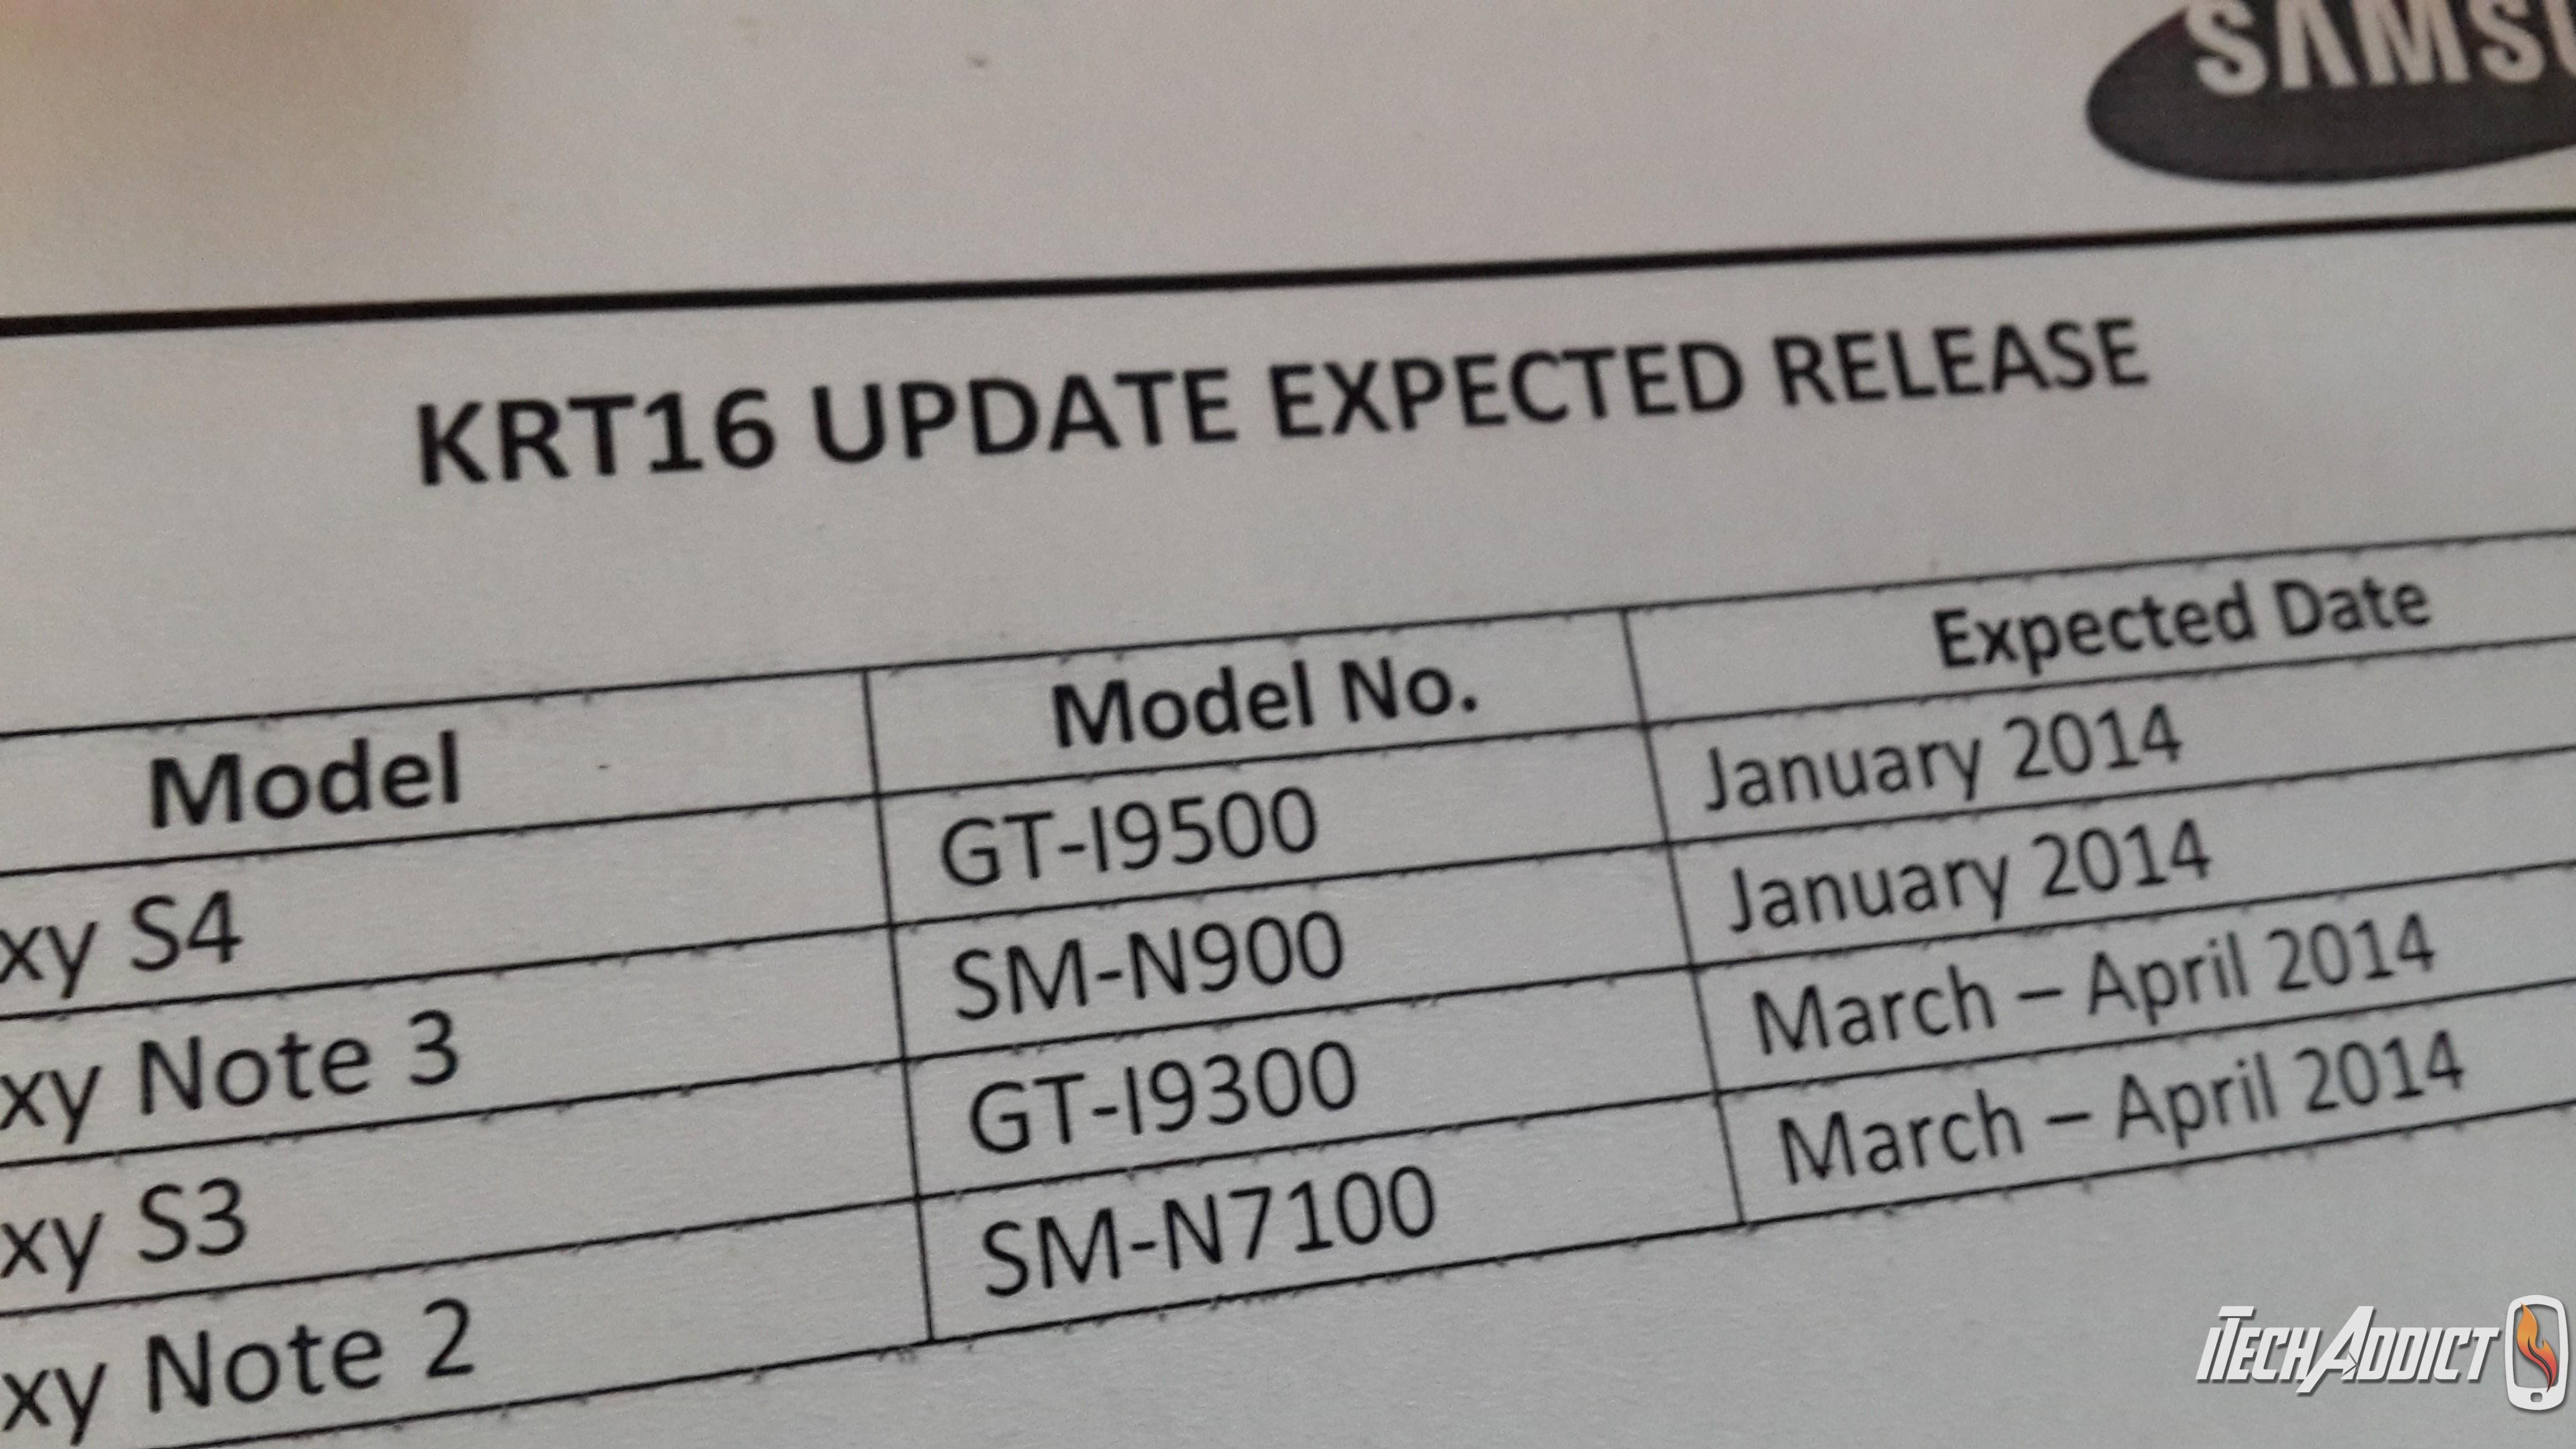 Android 4.4 KitKat sur les Samsung Galaxy S4 et Galaxy Note 3 dès janvier prochain ?